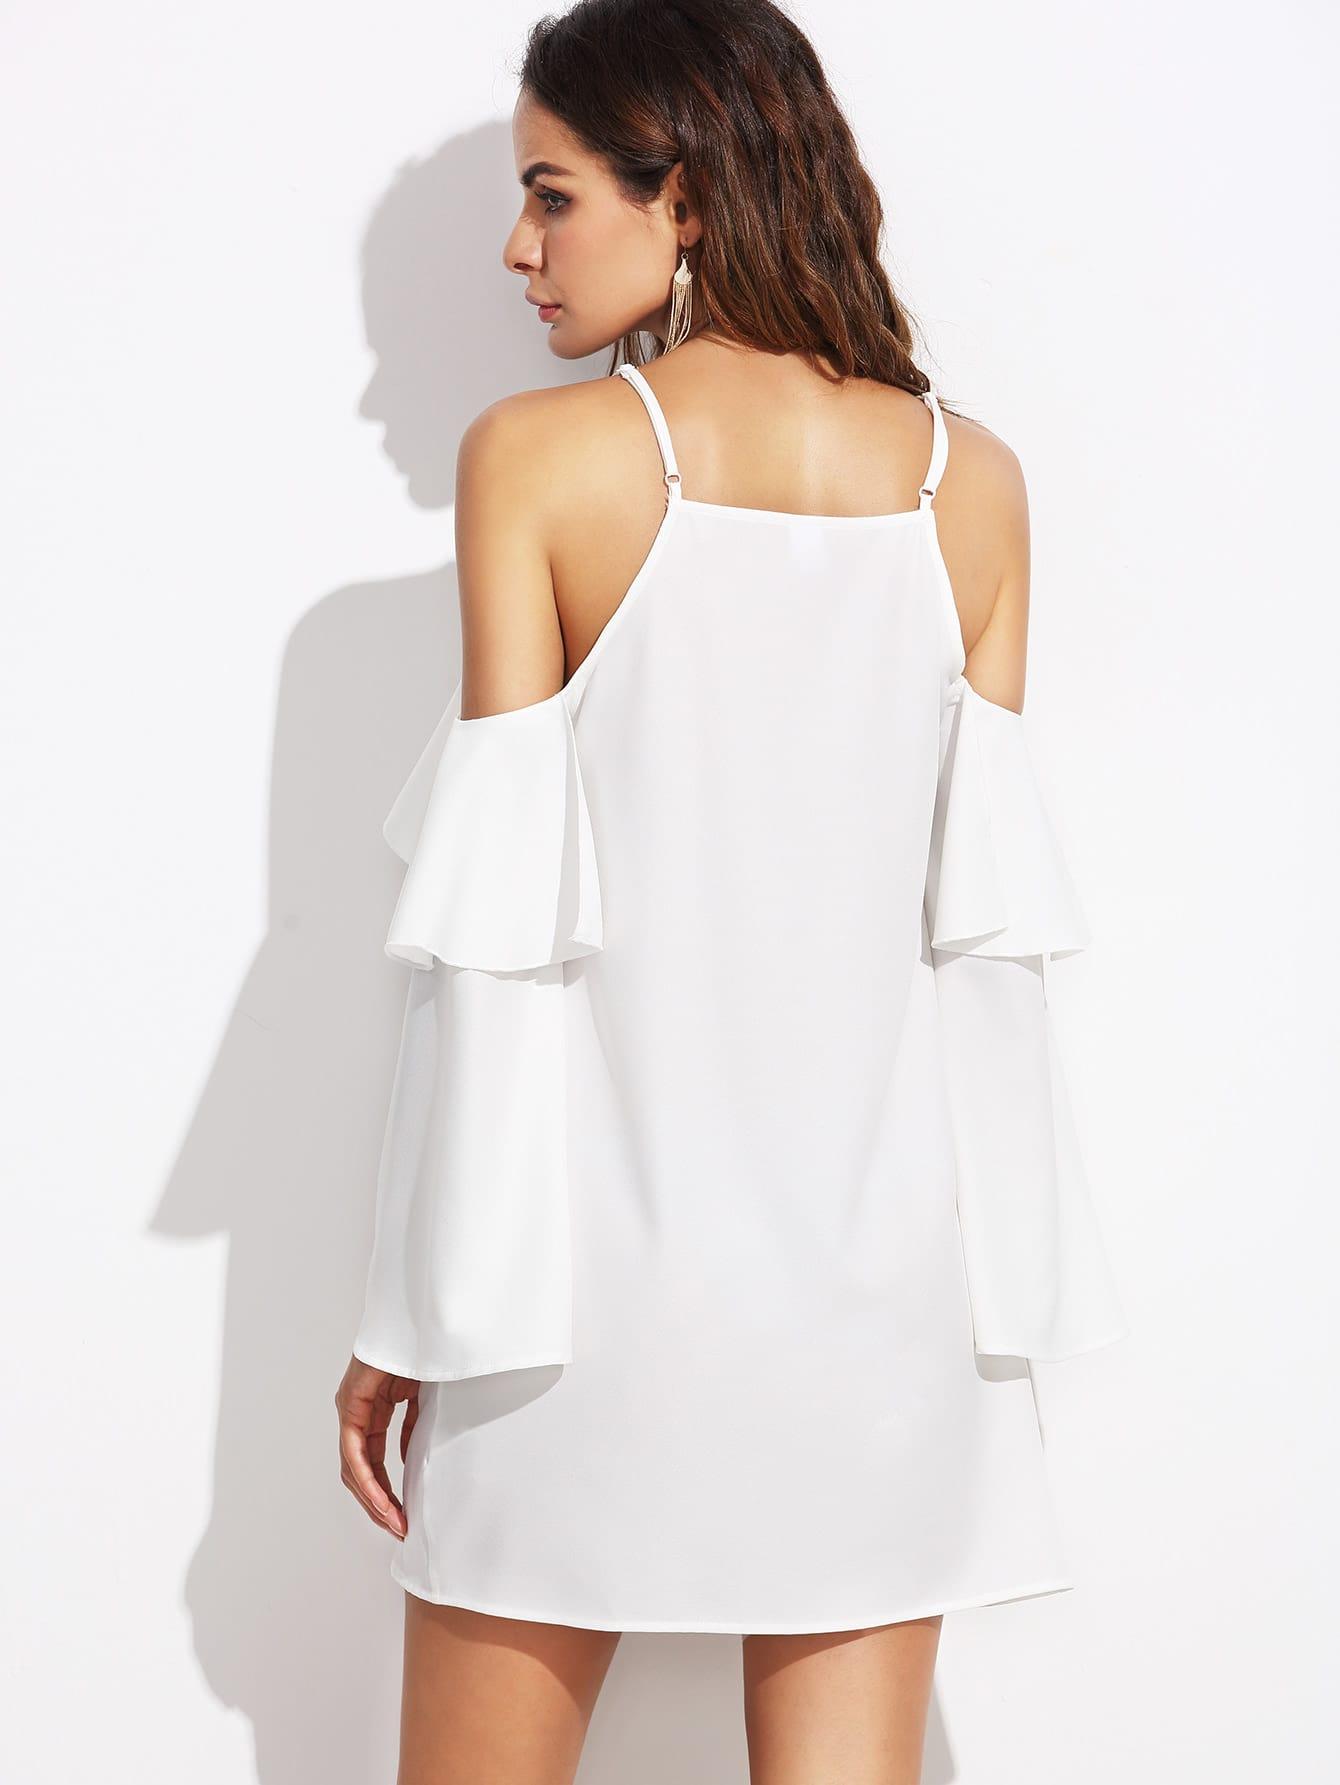 dress160831506_2